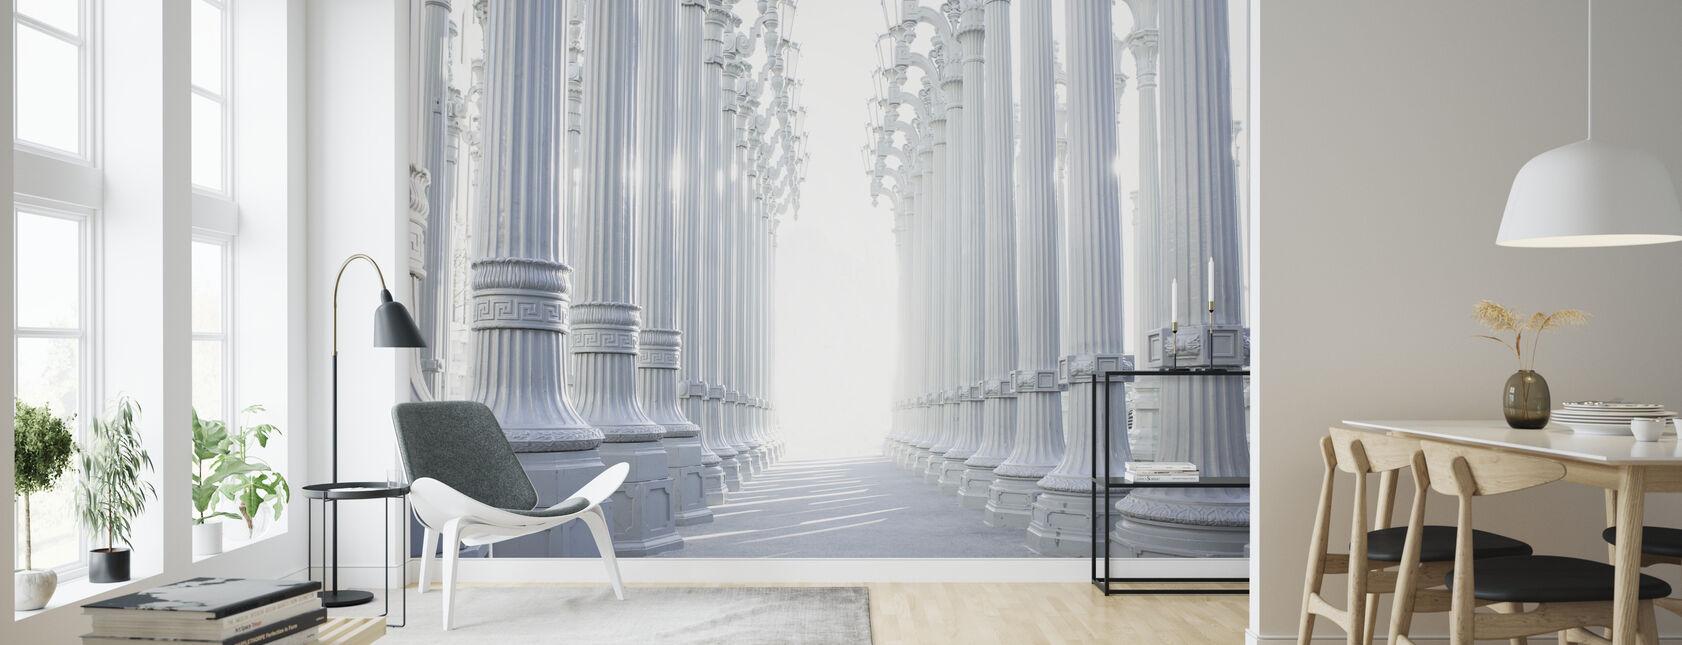 Ancient Hallway Columns - Wallpaper - Living Room